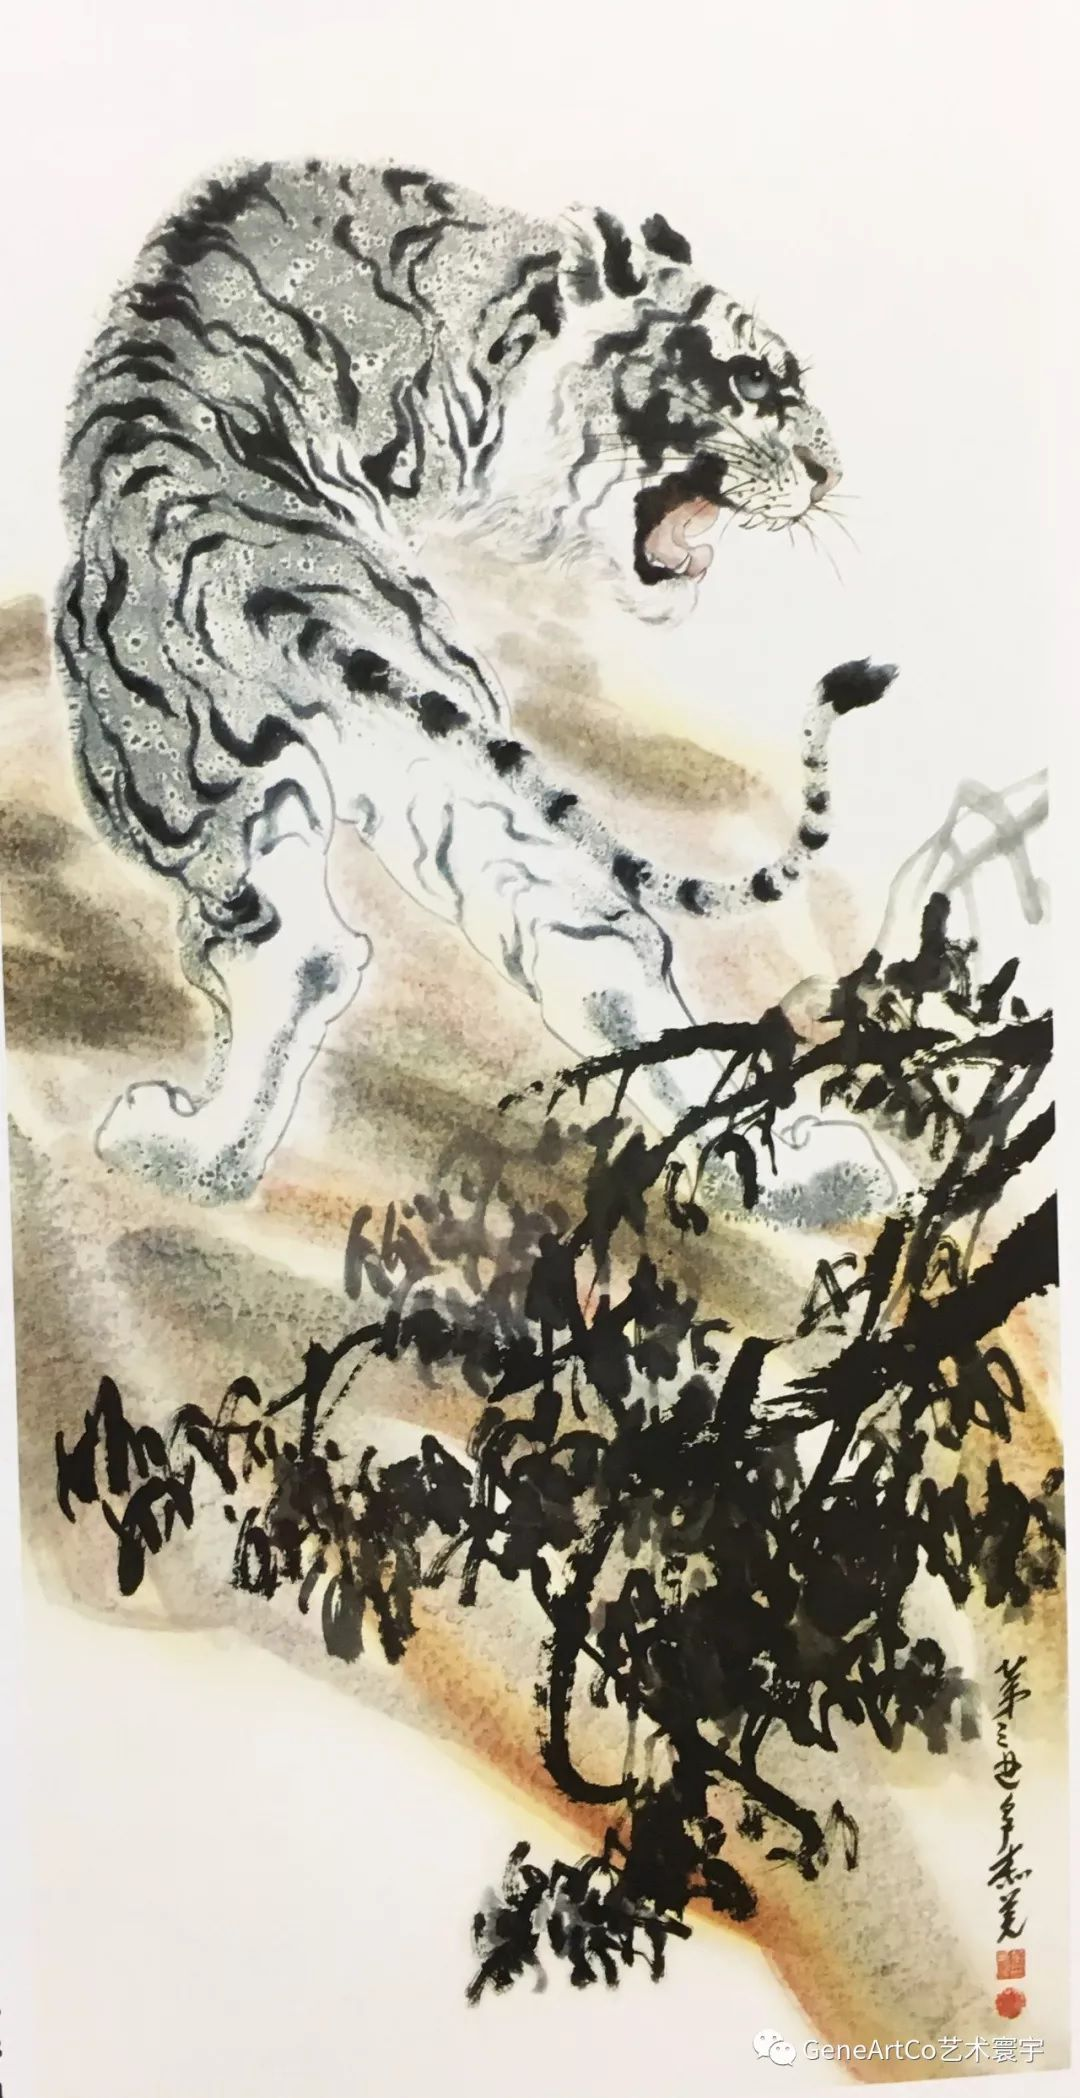 威風凜凜的老虎在山林間呼嘯---水墨畫《老虎》墨舟子